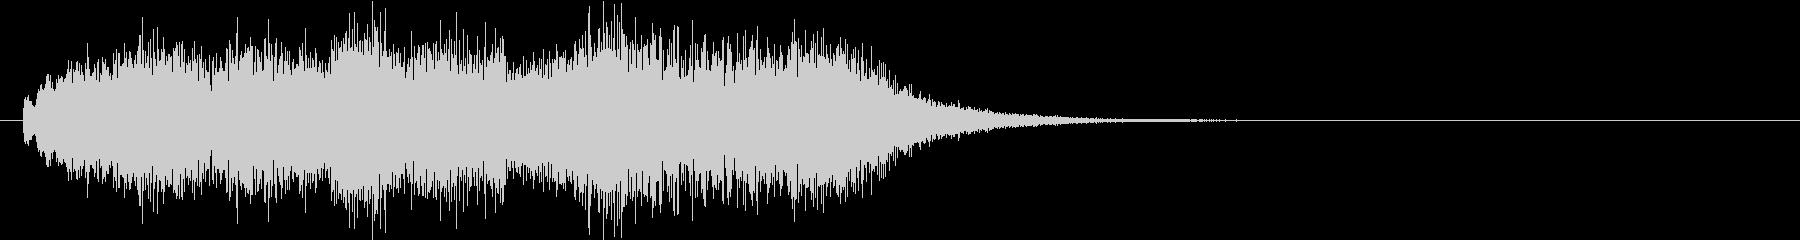 ハープ 魔法 キラキラ 泉 場面転換 3の未再生の波形